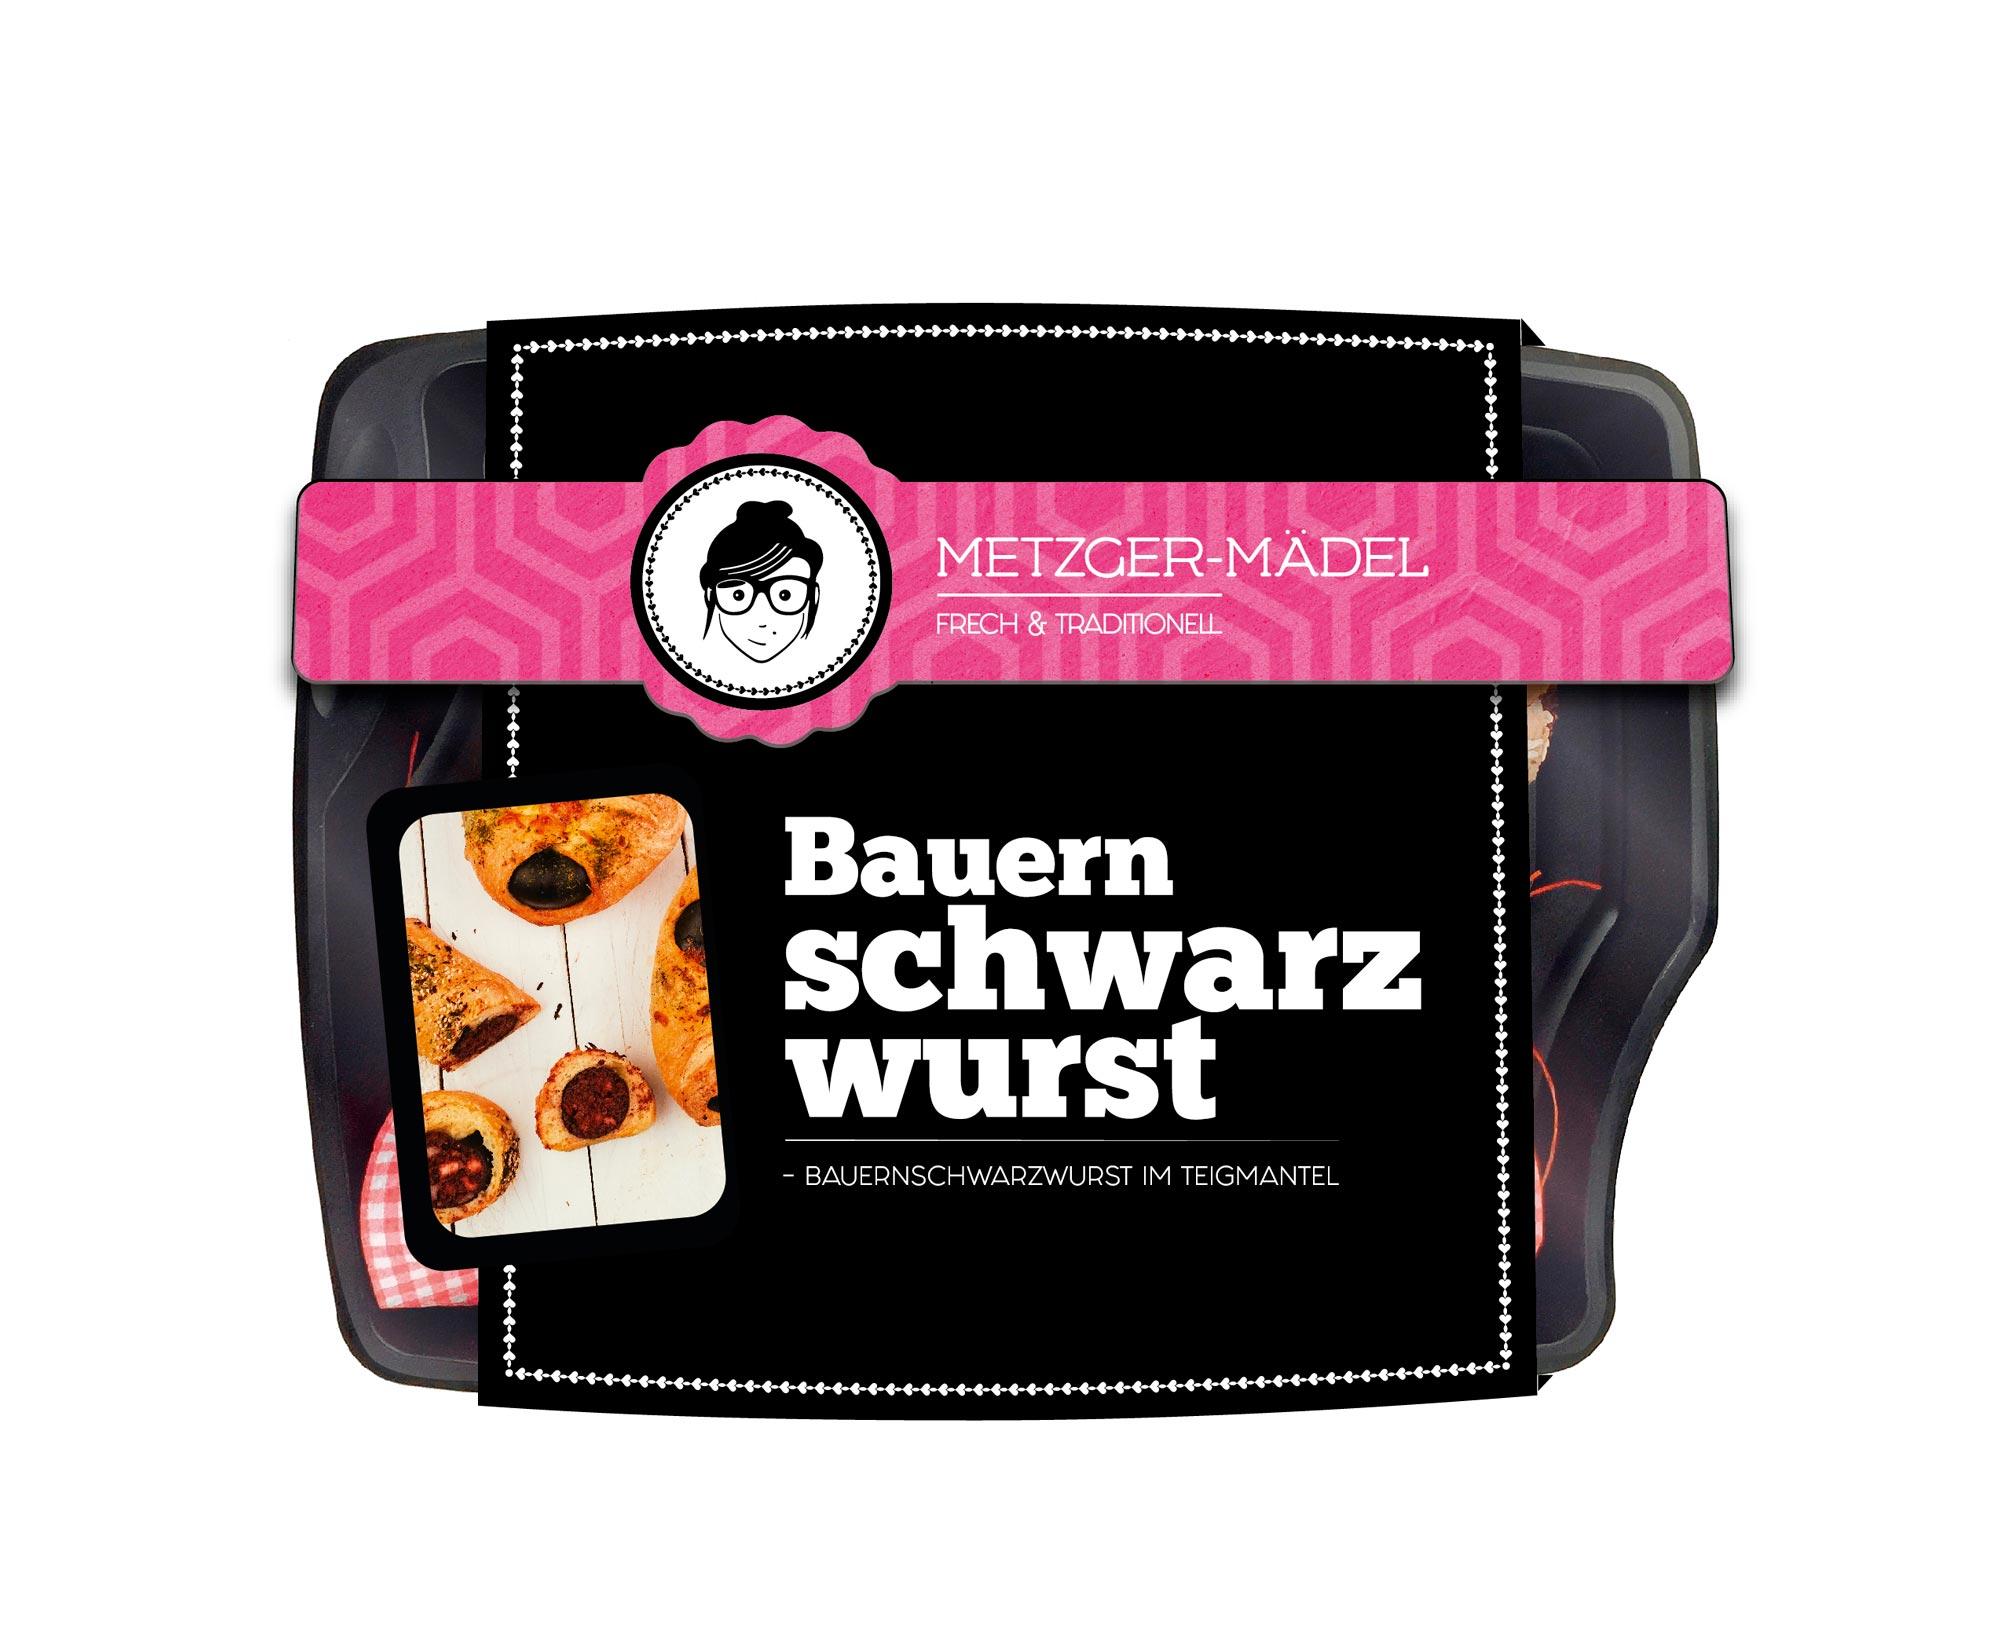 Verpackungsdesign Edeka Metzger Mädel Bauern Schwarzwurst